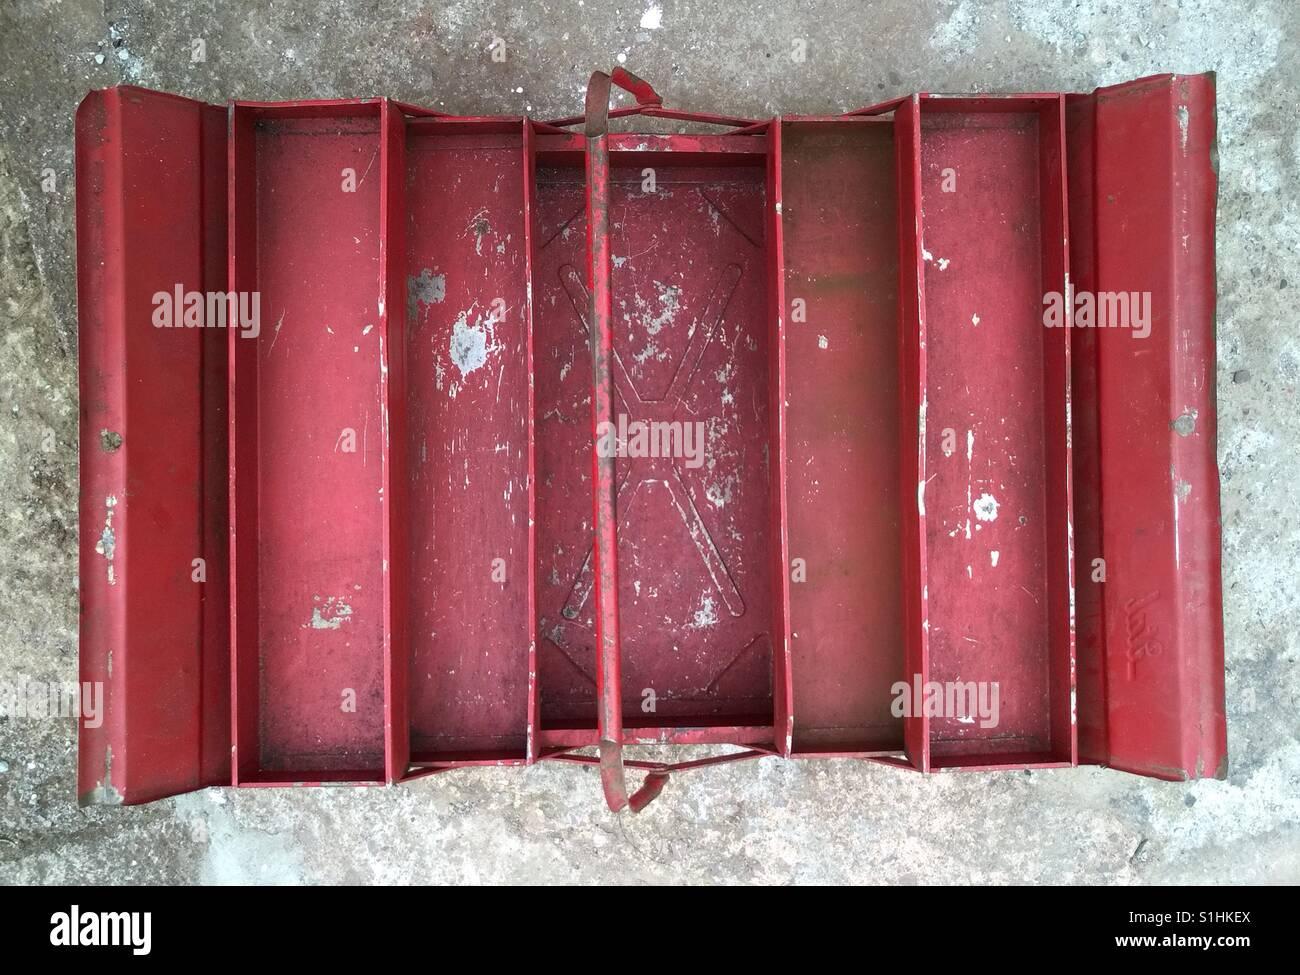 Svuotare la casella degli strumenti. Il vecchio strumento metallico casella senza utensili. Foto Stock